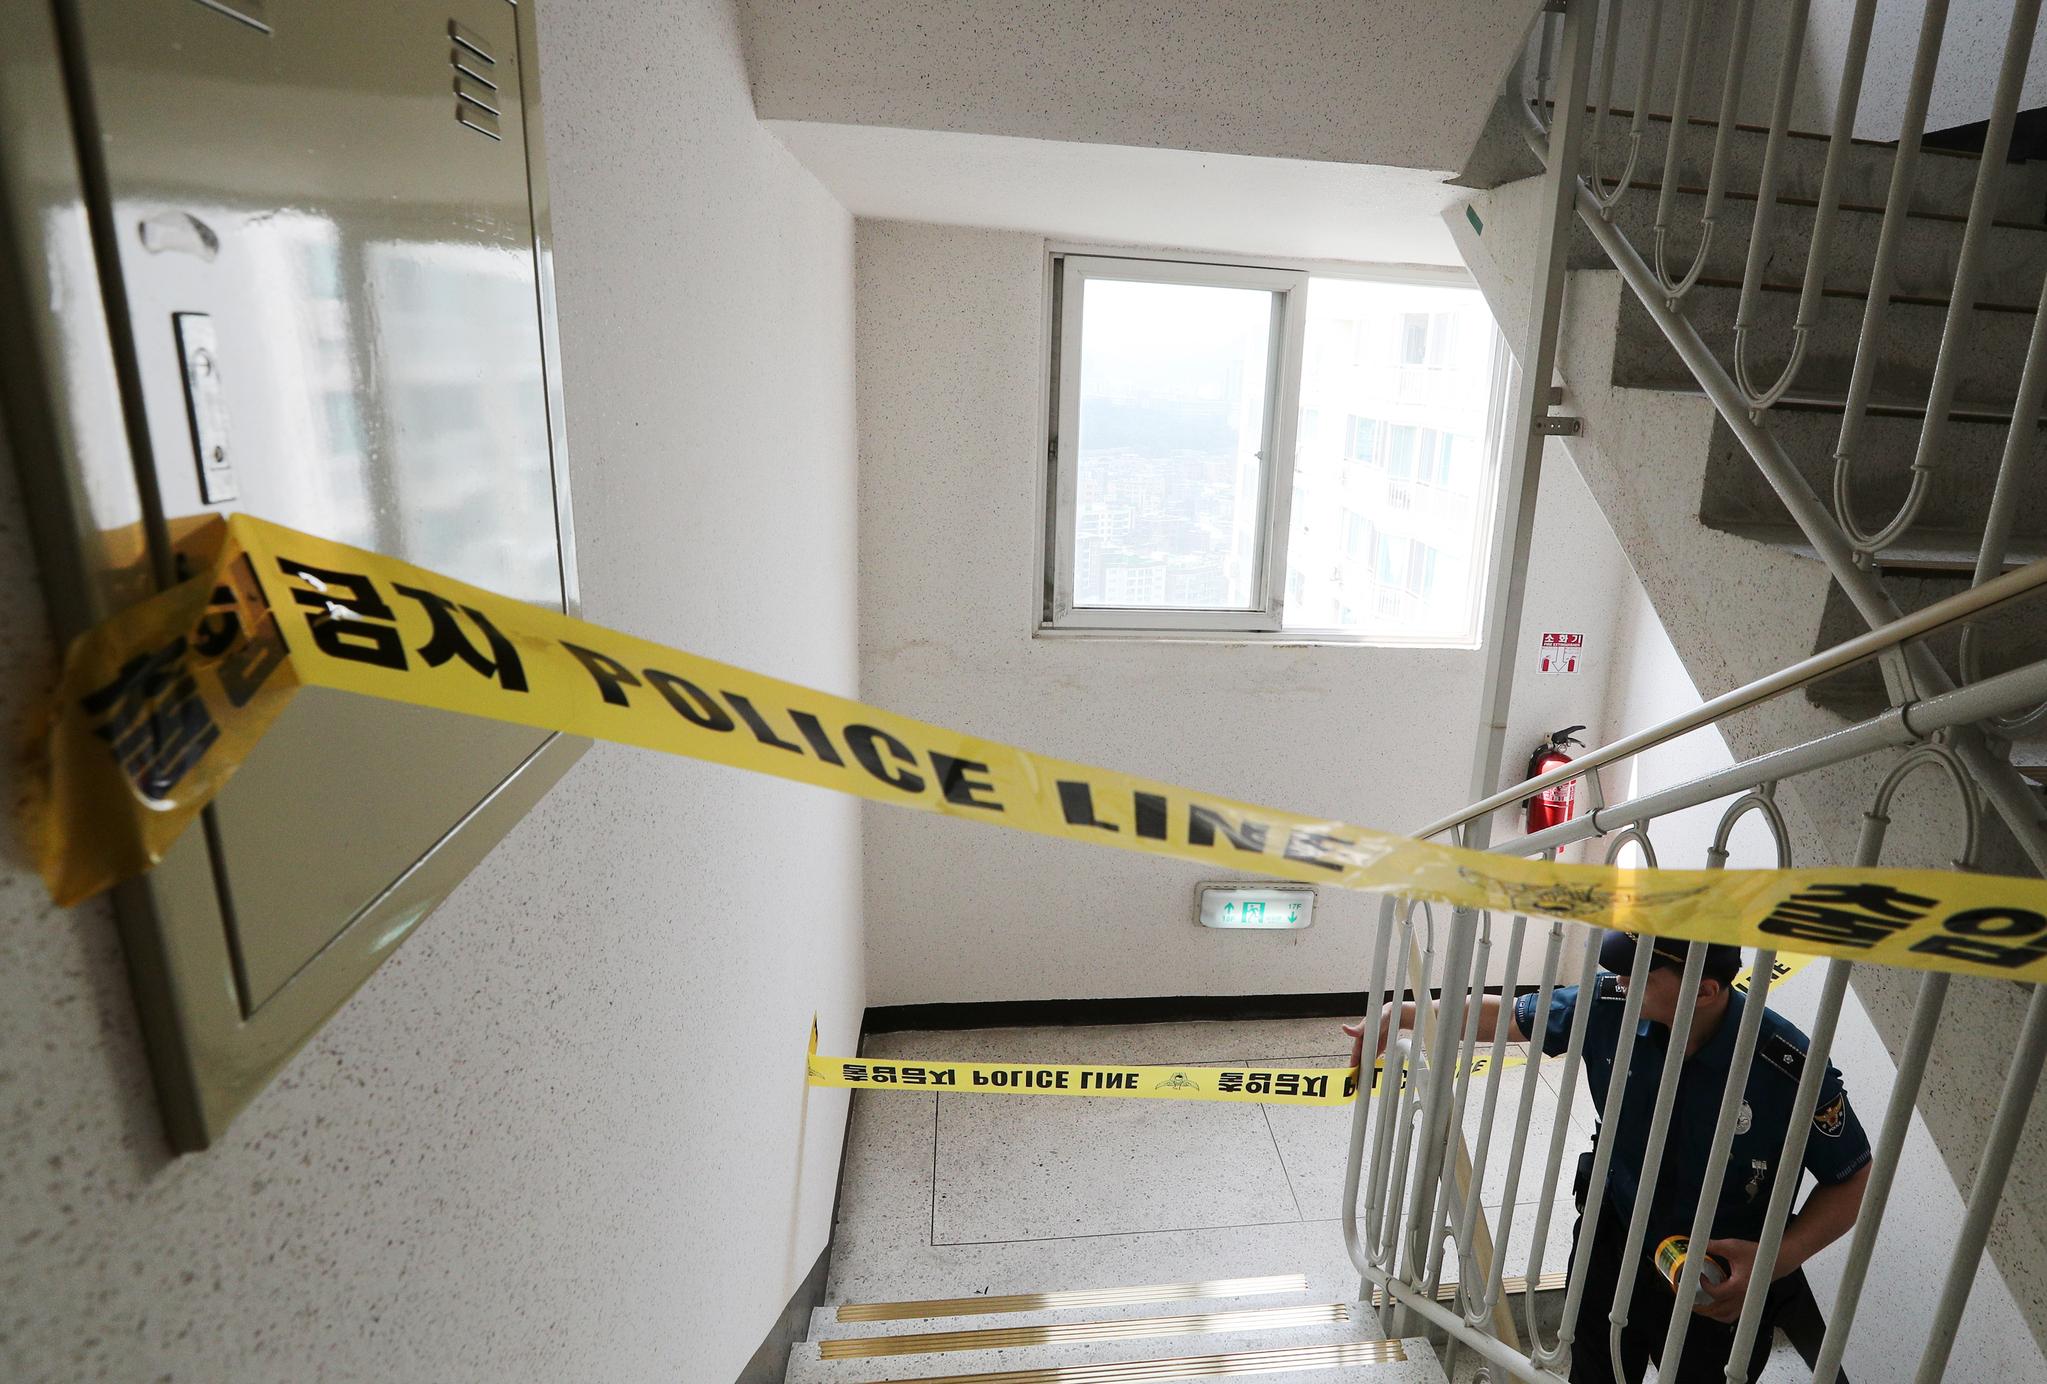 정의당 노회찬 원내대표가 23일 투신 사망한 서울 중구 한 아파트 17~18층 계단에서 경찰이 폴리스 라인을 설치하고 있다. 임현동 기자